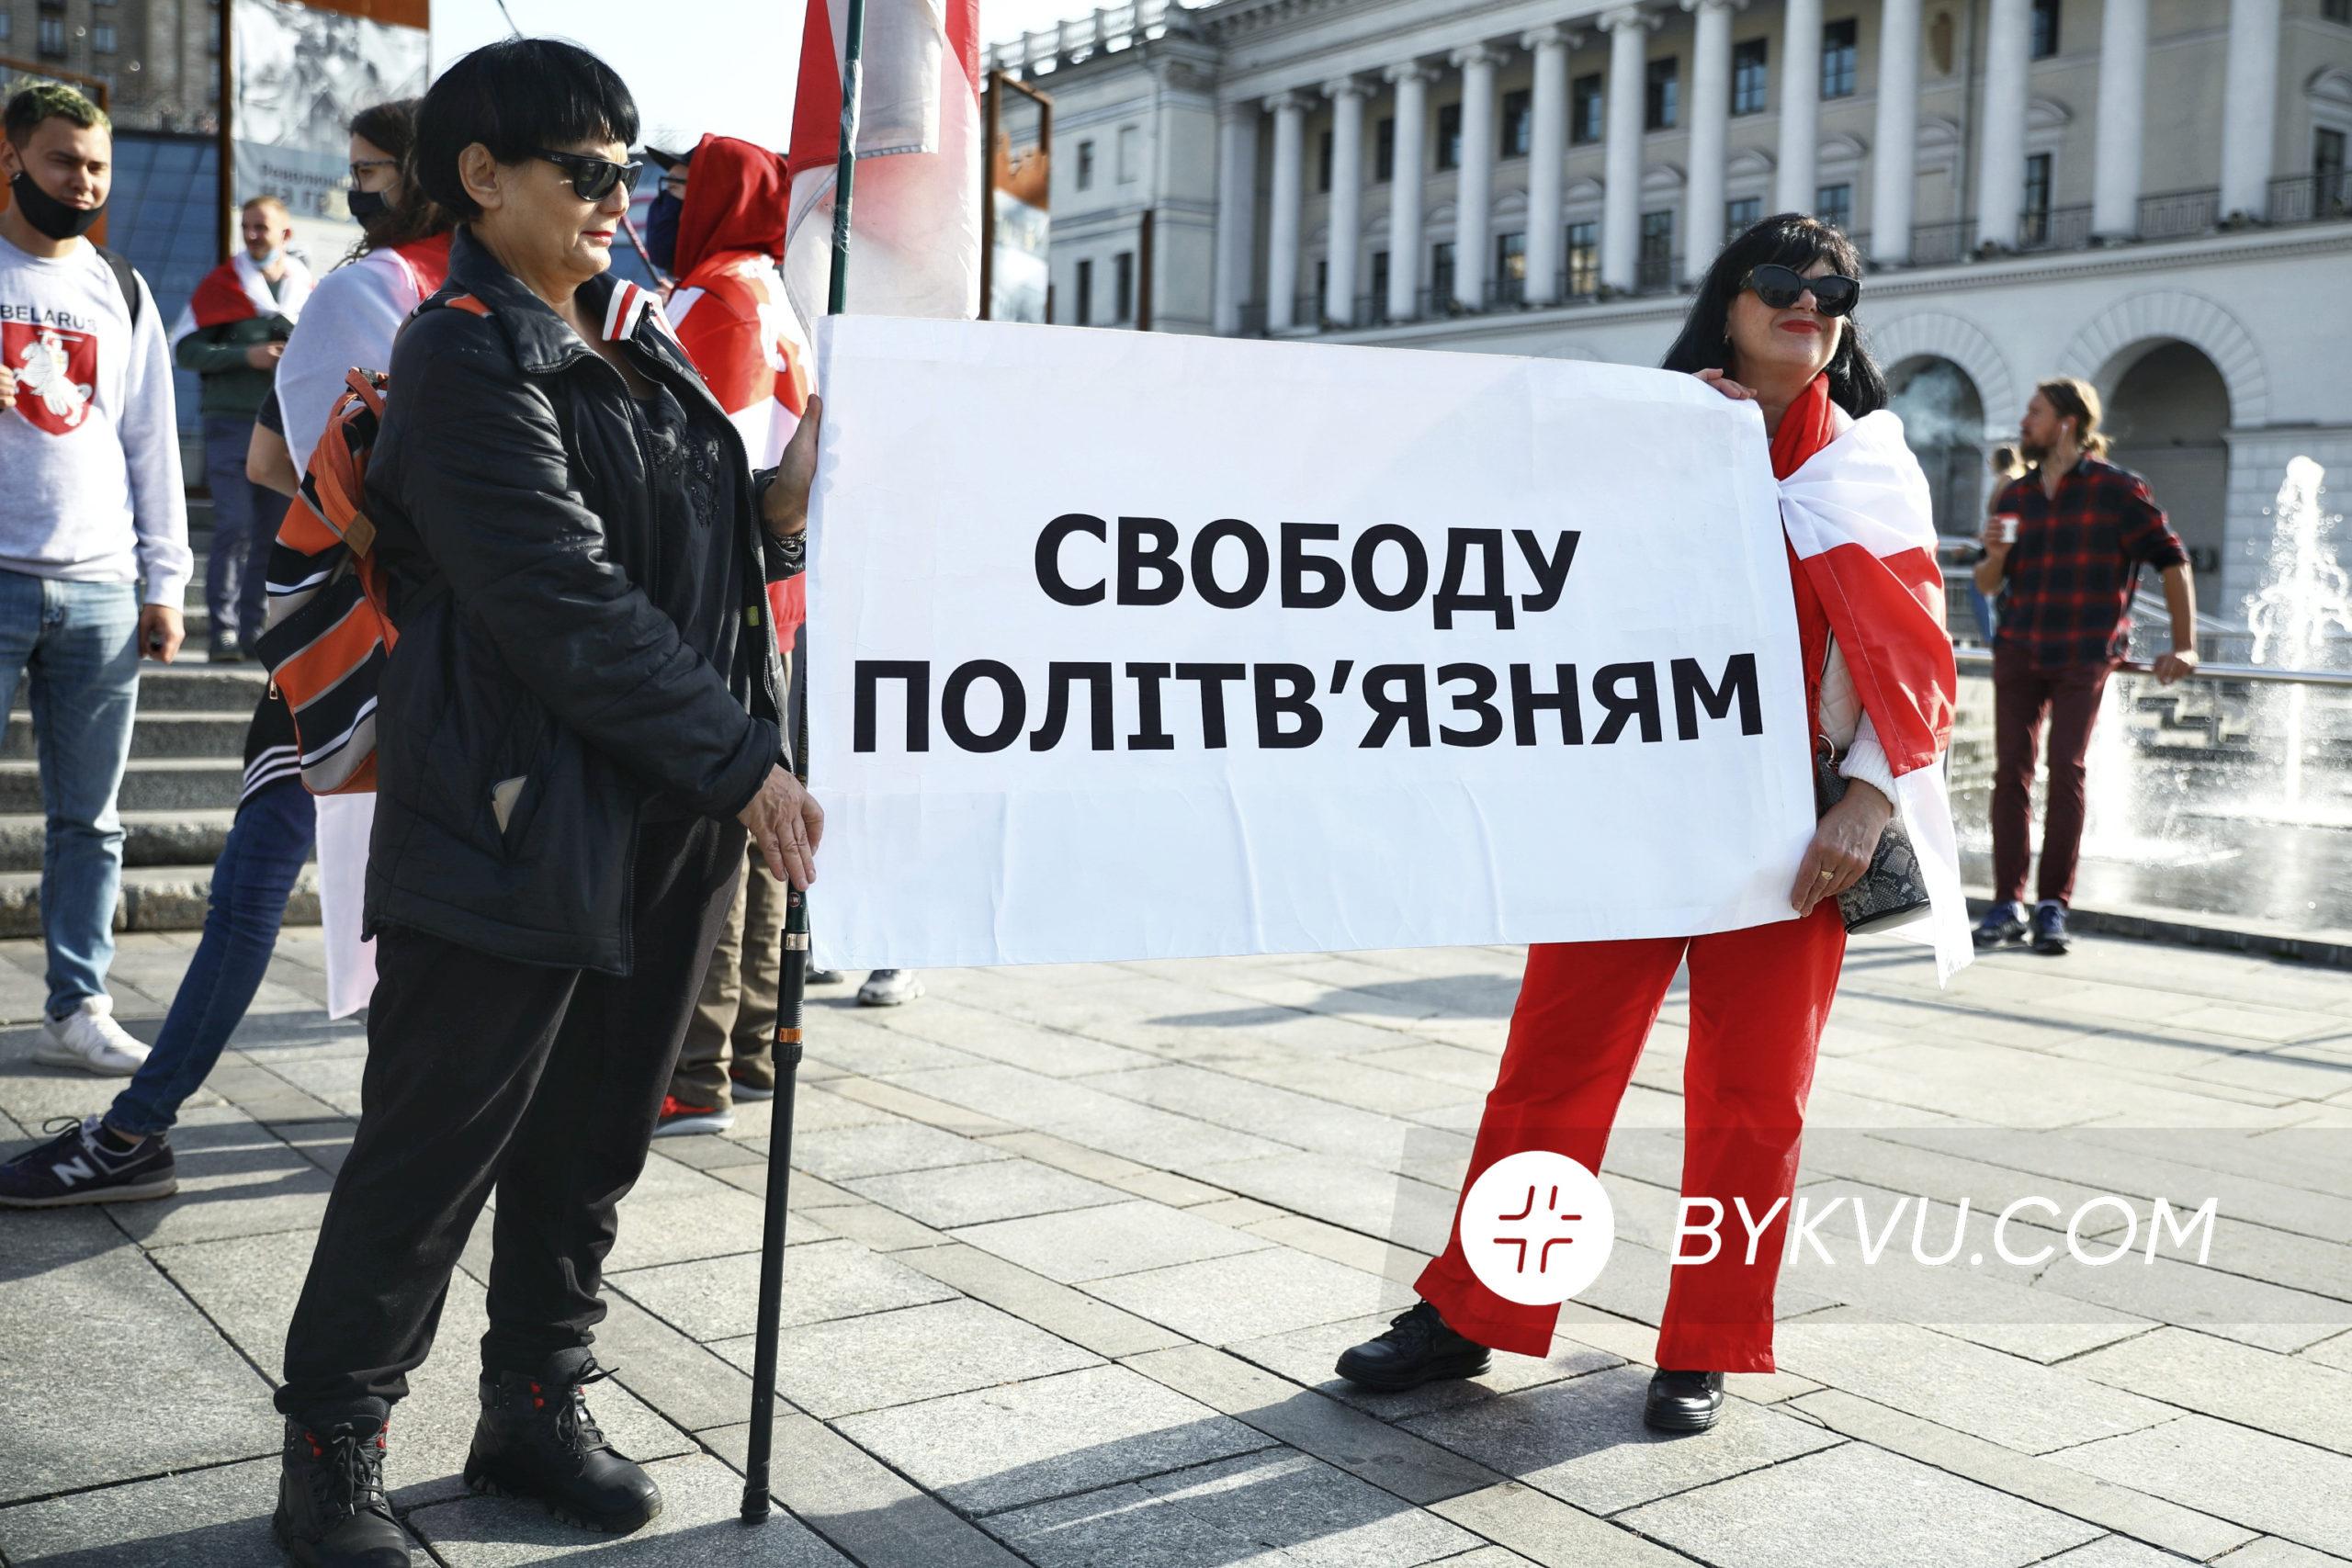 білорусь_майдан незалежності_політв'язні